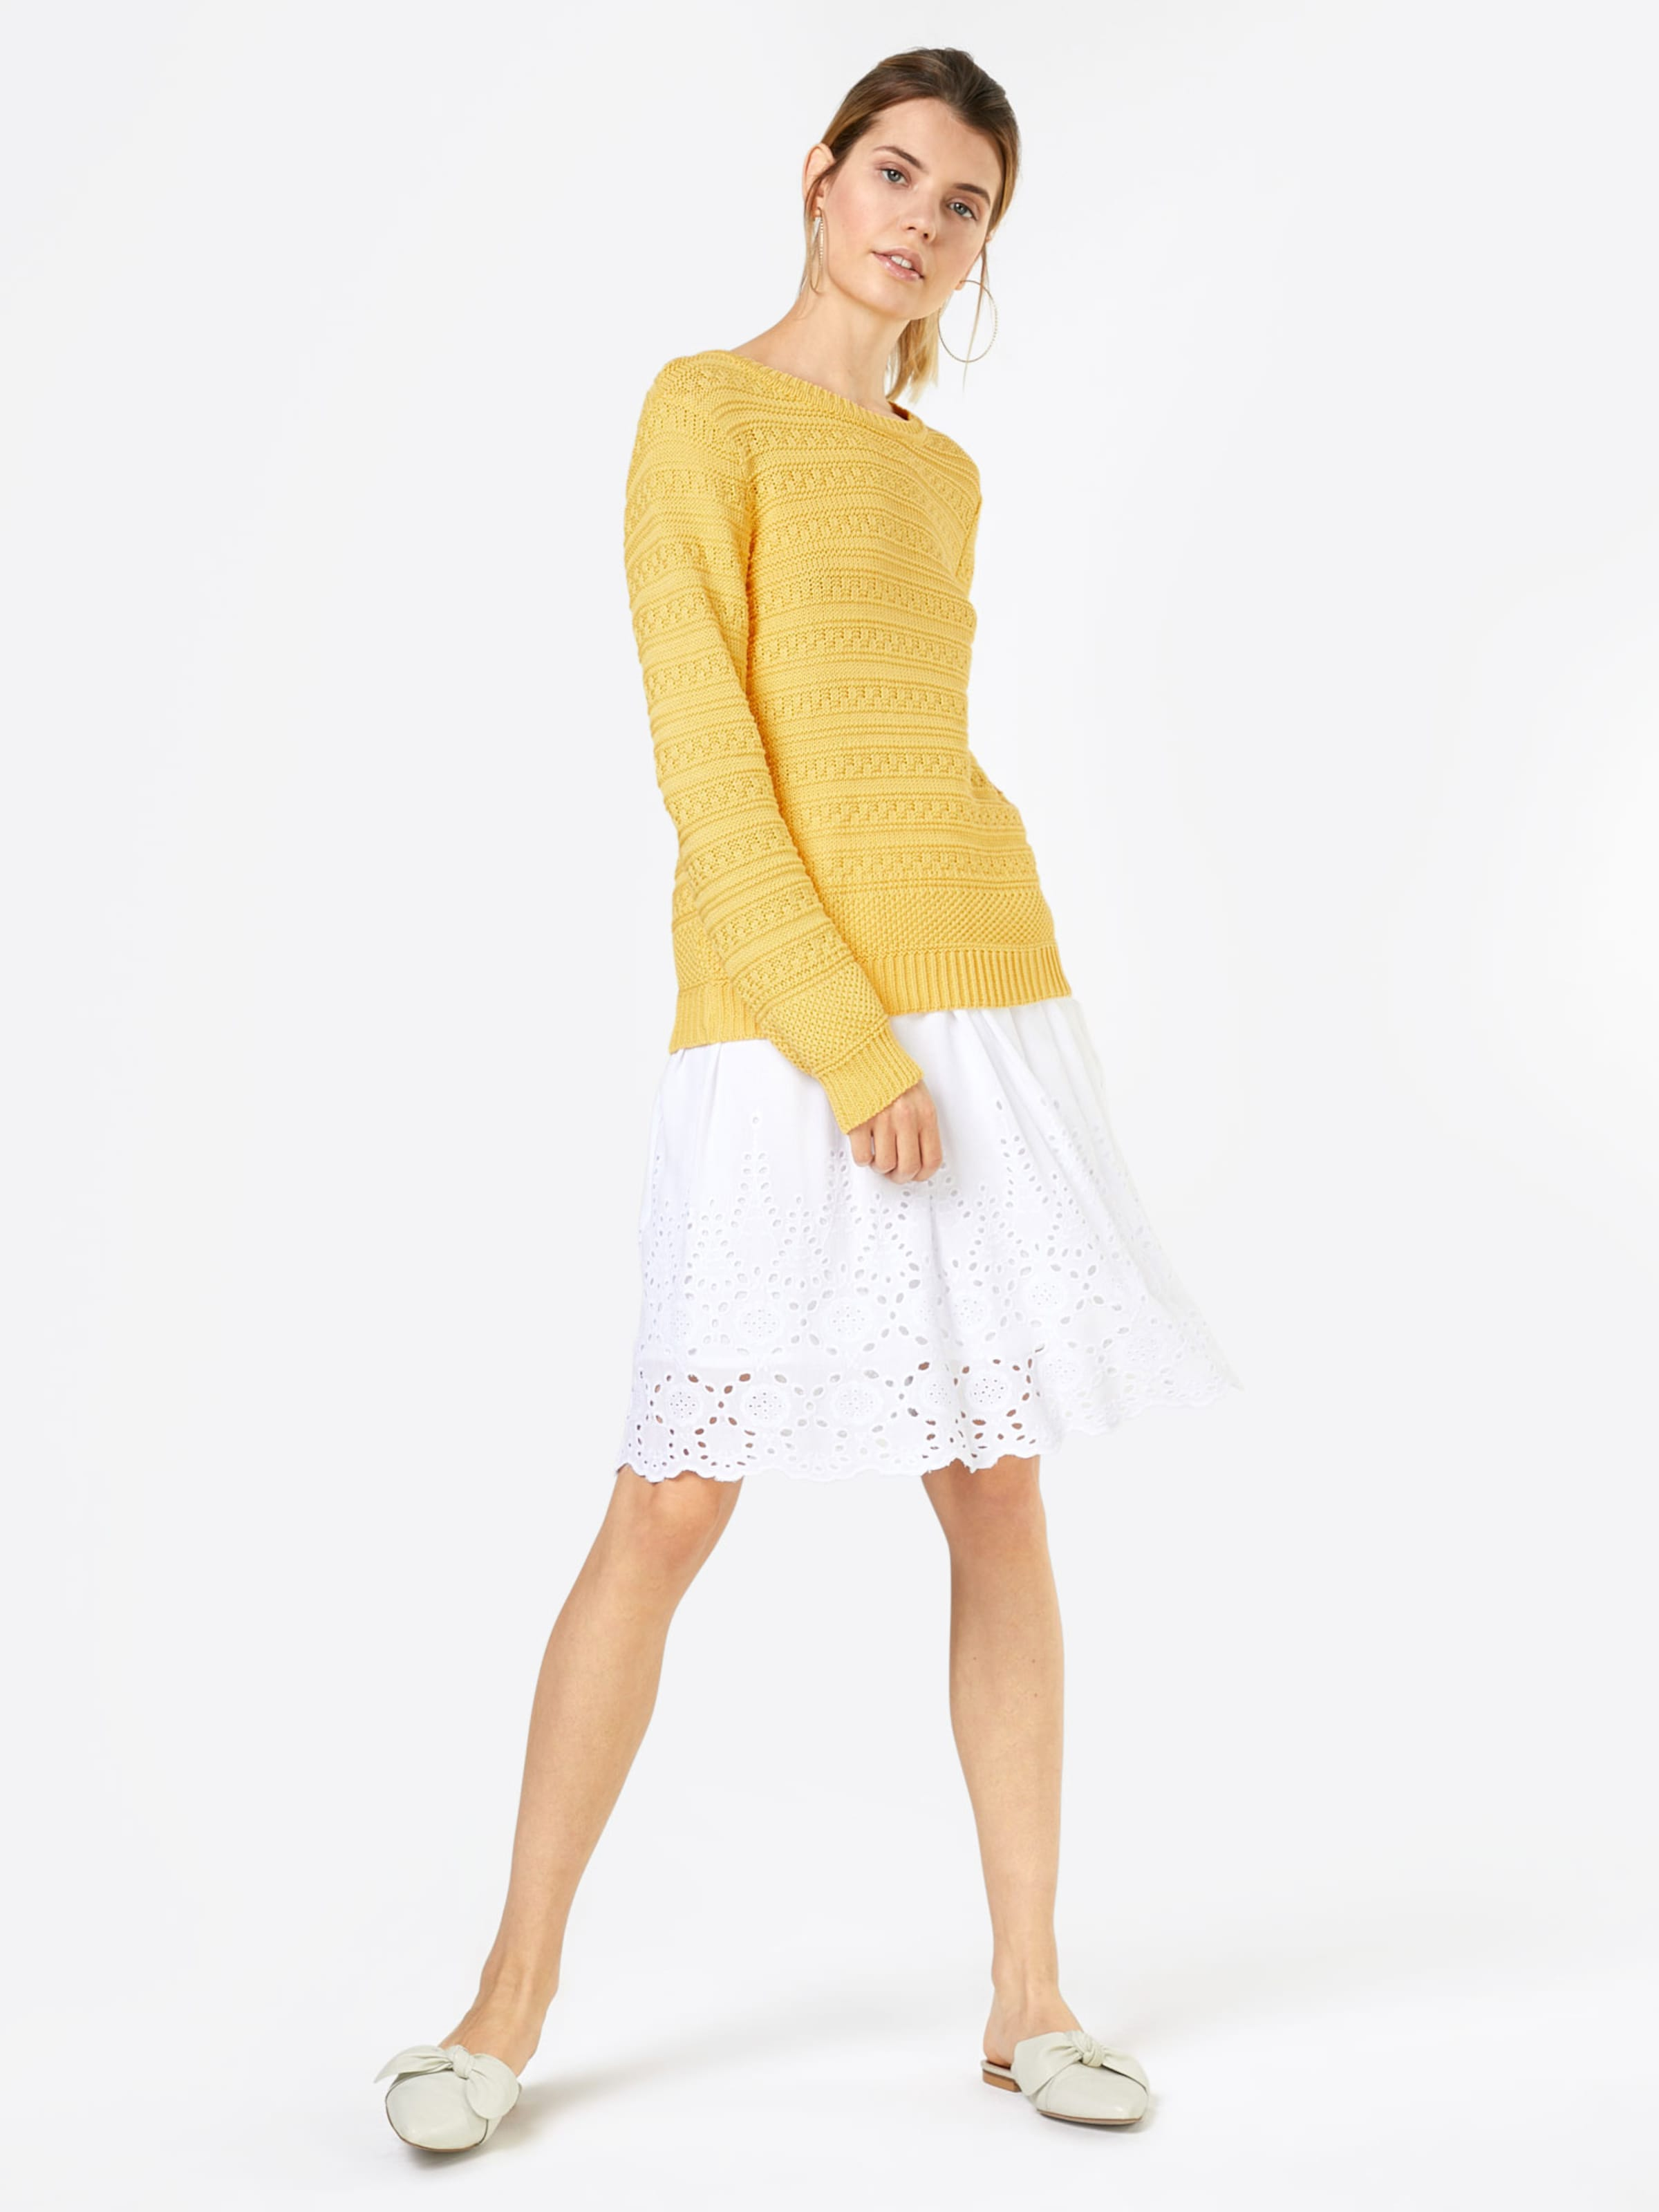 Billig Verkauf Eastbay Exklusiv ABOUT YOU Pullover 'Nicky' Aus Deutschland Verkauf Online Billig Verkauf Original Online Kaufen Neue GtwrcW